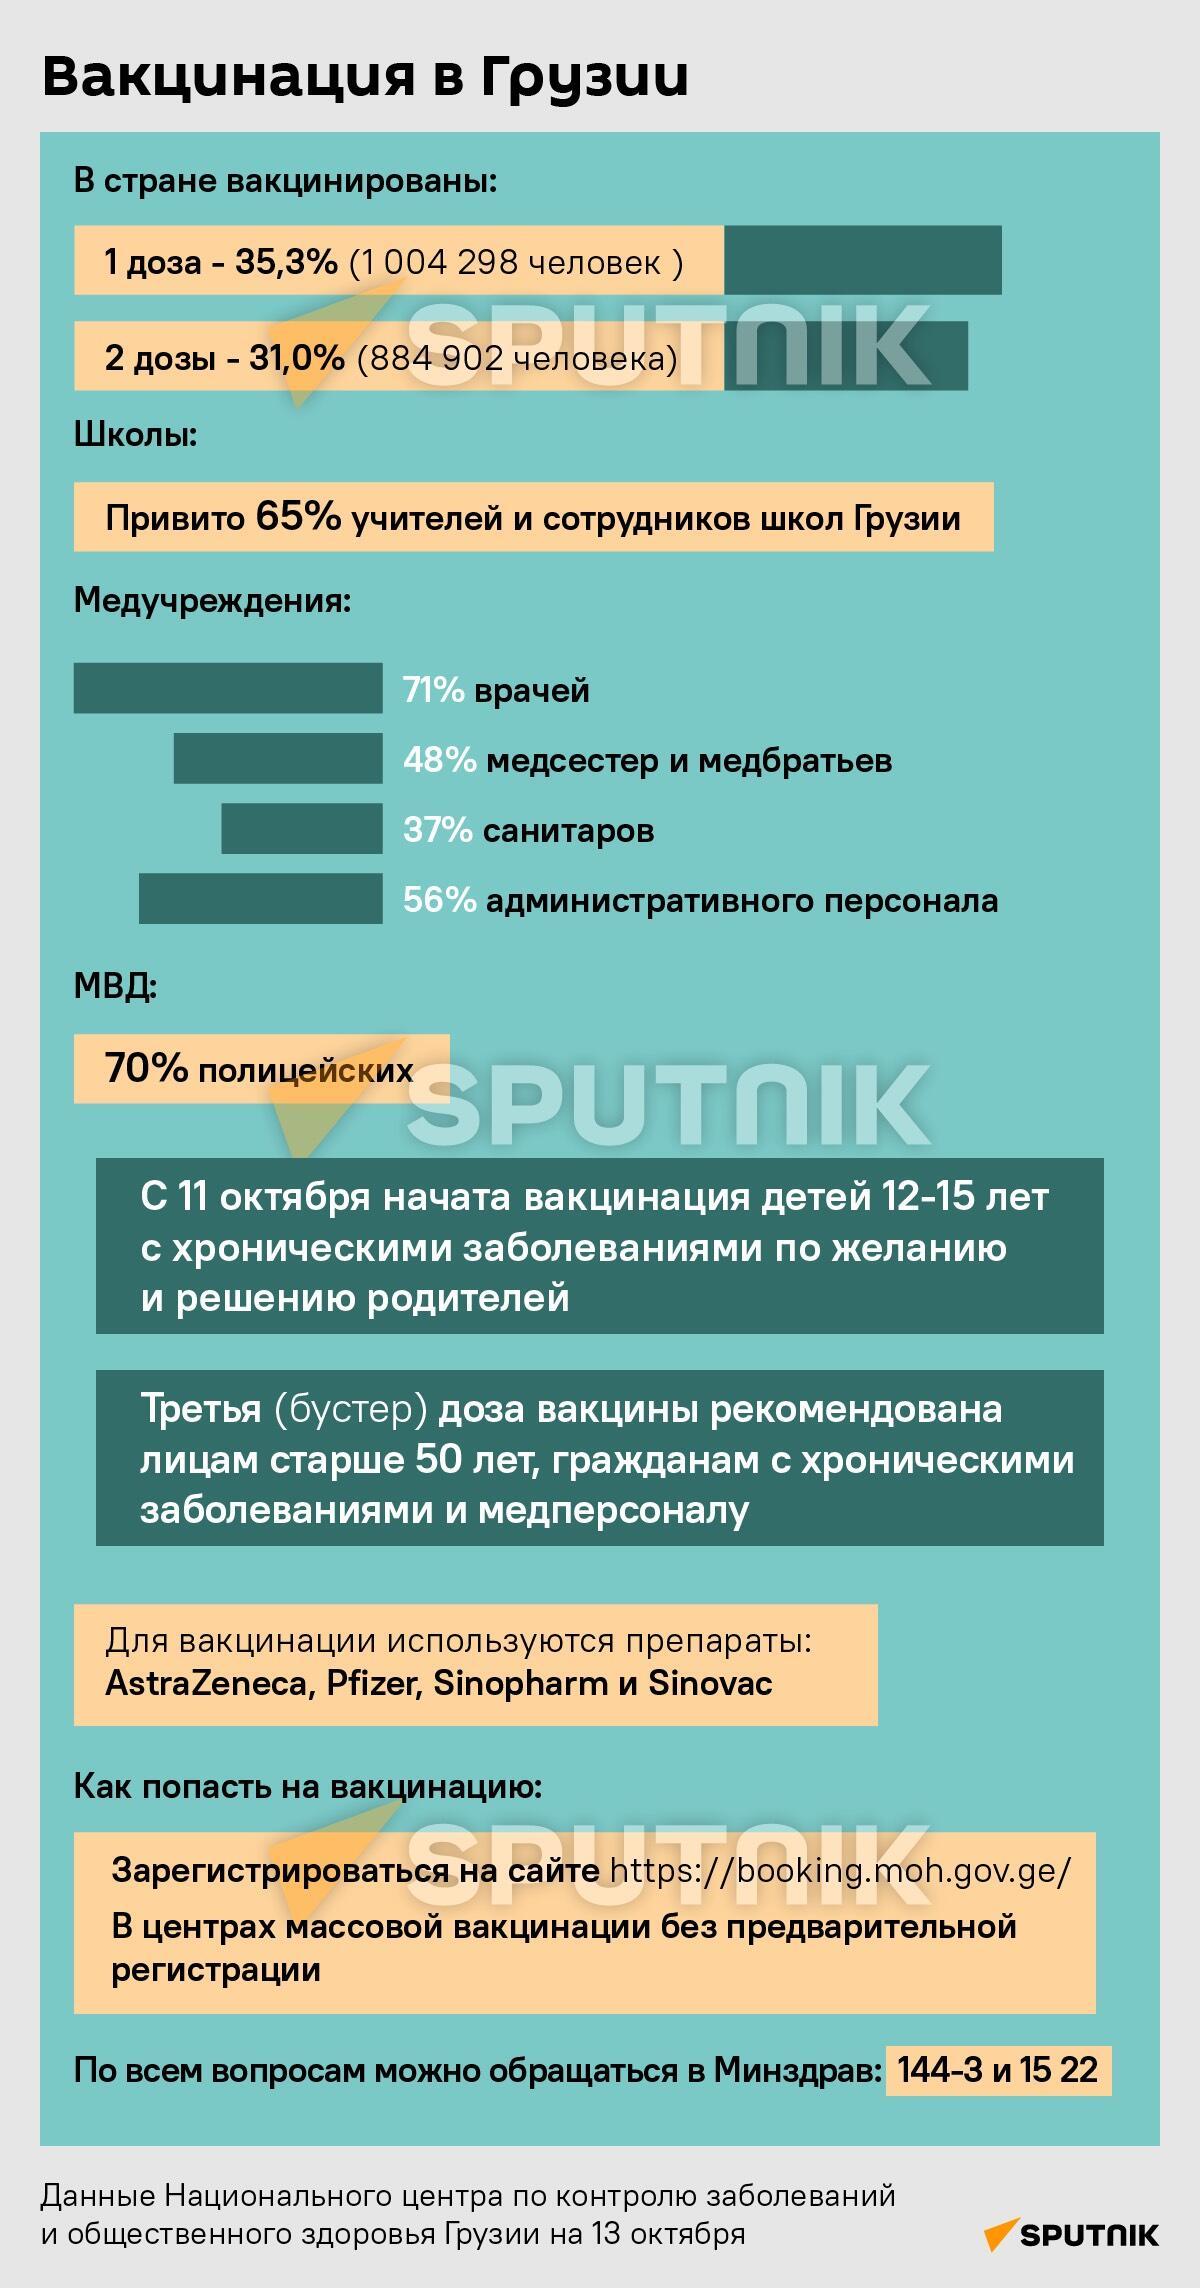 Вакцинация в Грузии - последние данные - Sputnik Грузия